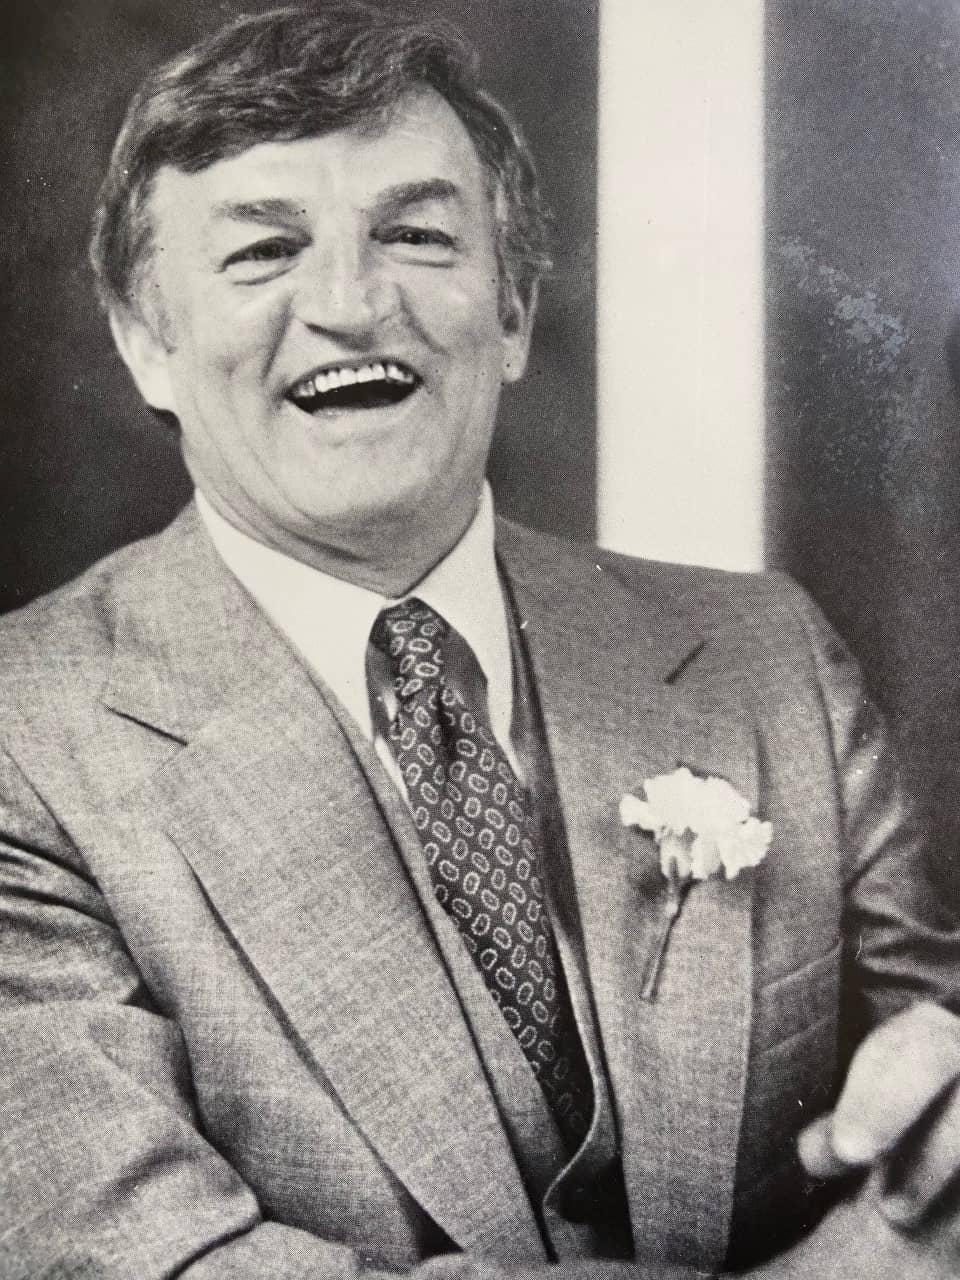 John McManus